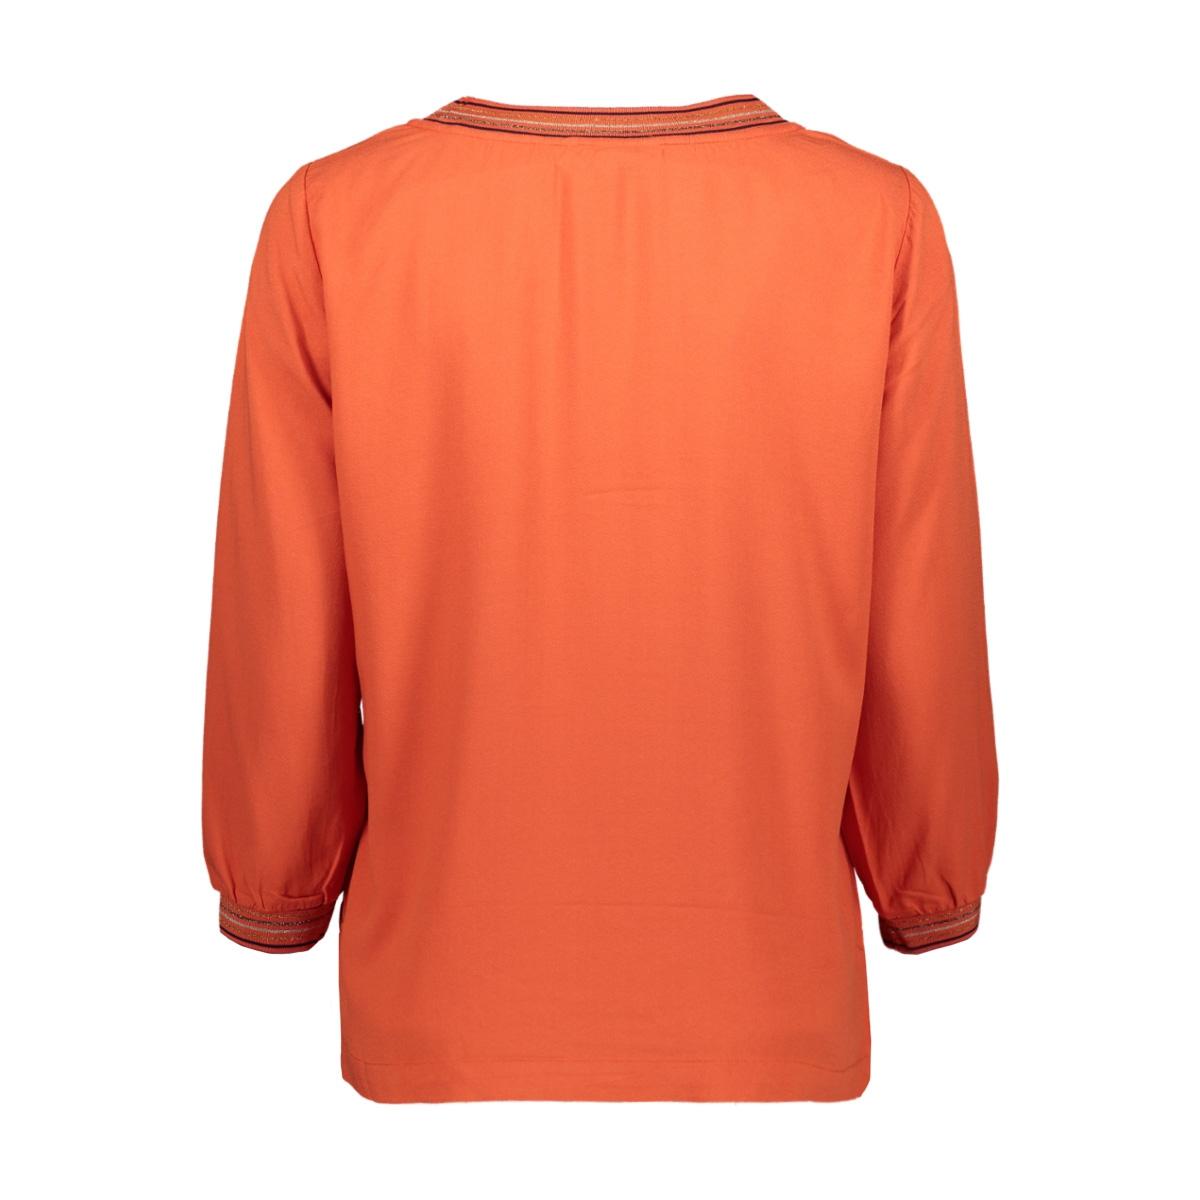 top met gestreepte lurex bies 22001759 sandwich t-shirt 21023